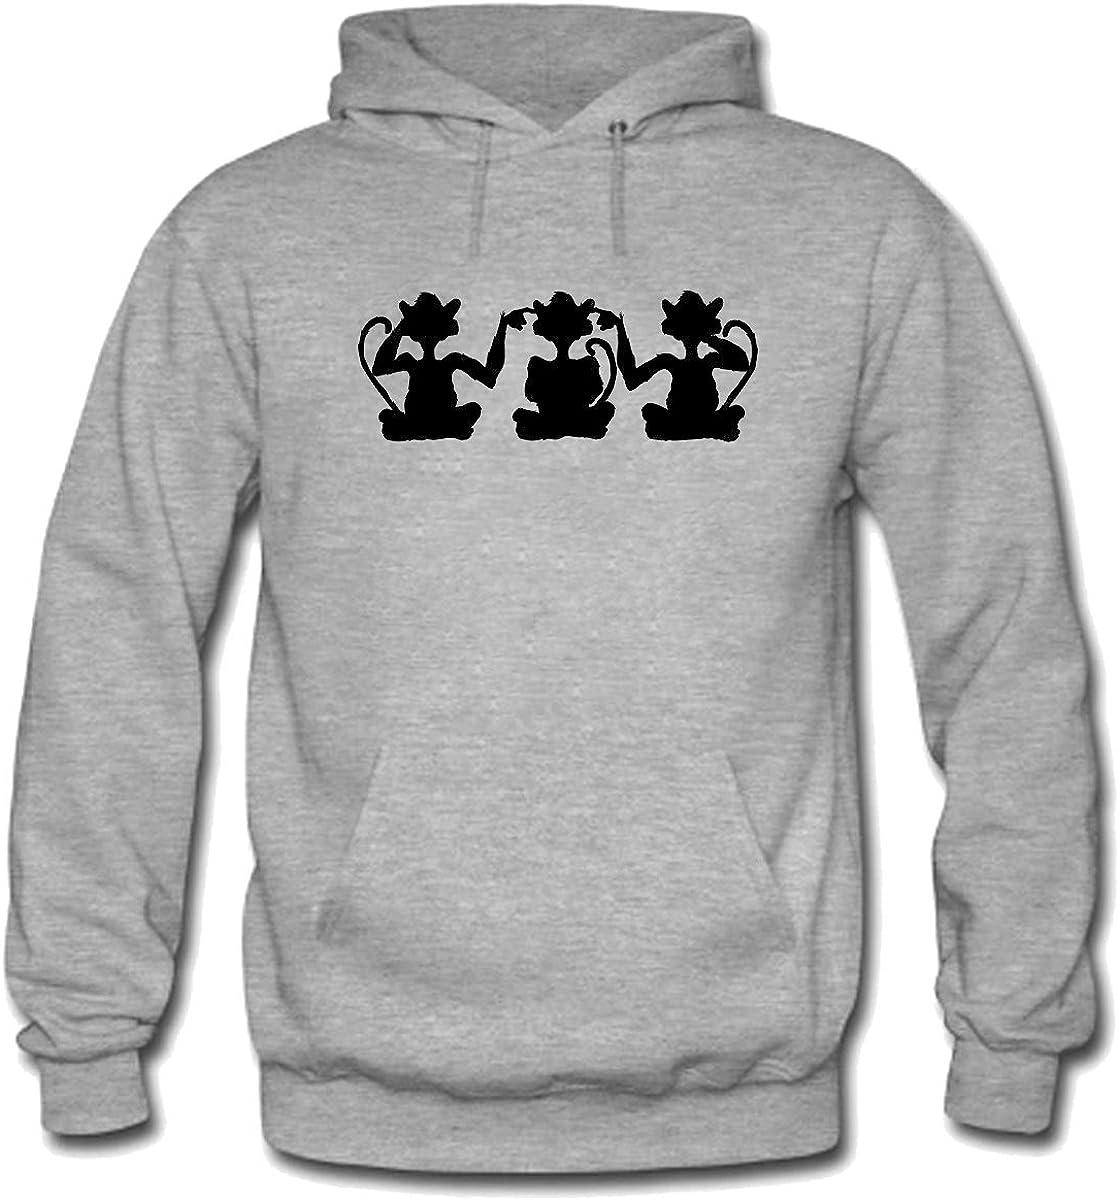 HearNo SpeakNo SeeNo Mens Pullover Hoodie Sweatshirt